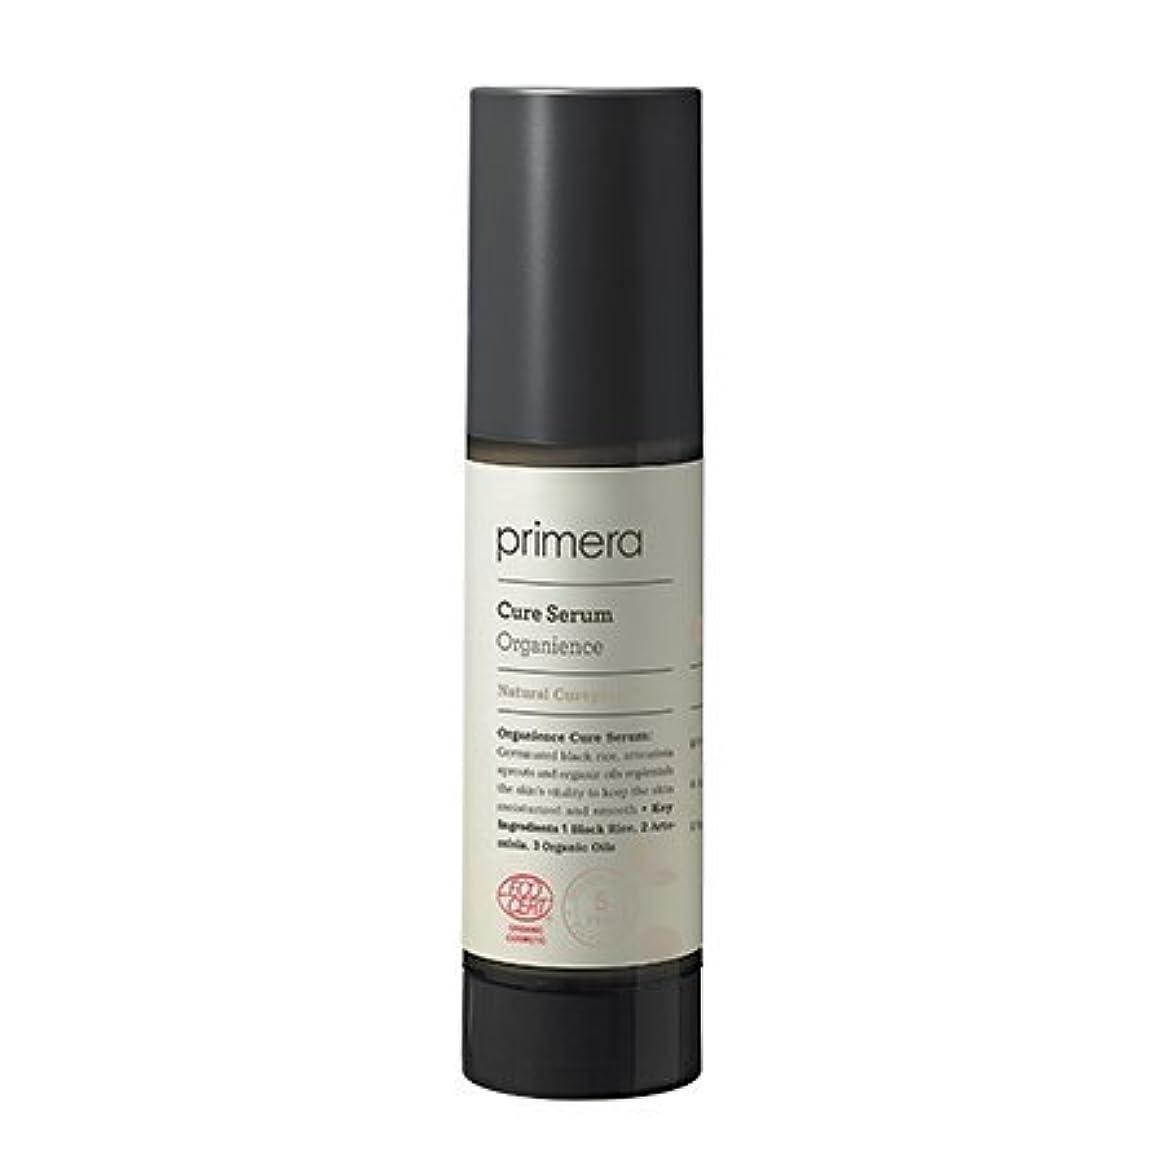 置換弾丸ロシア【Primera】Organience Cure Serum - 50ml (韓国直送品) (SHOPPINGINSTAGRAM)